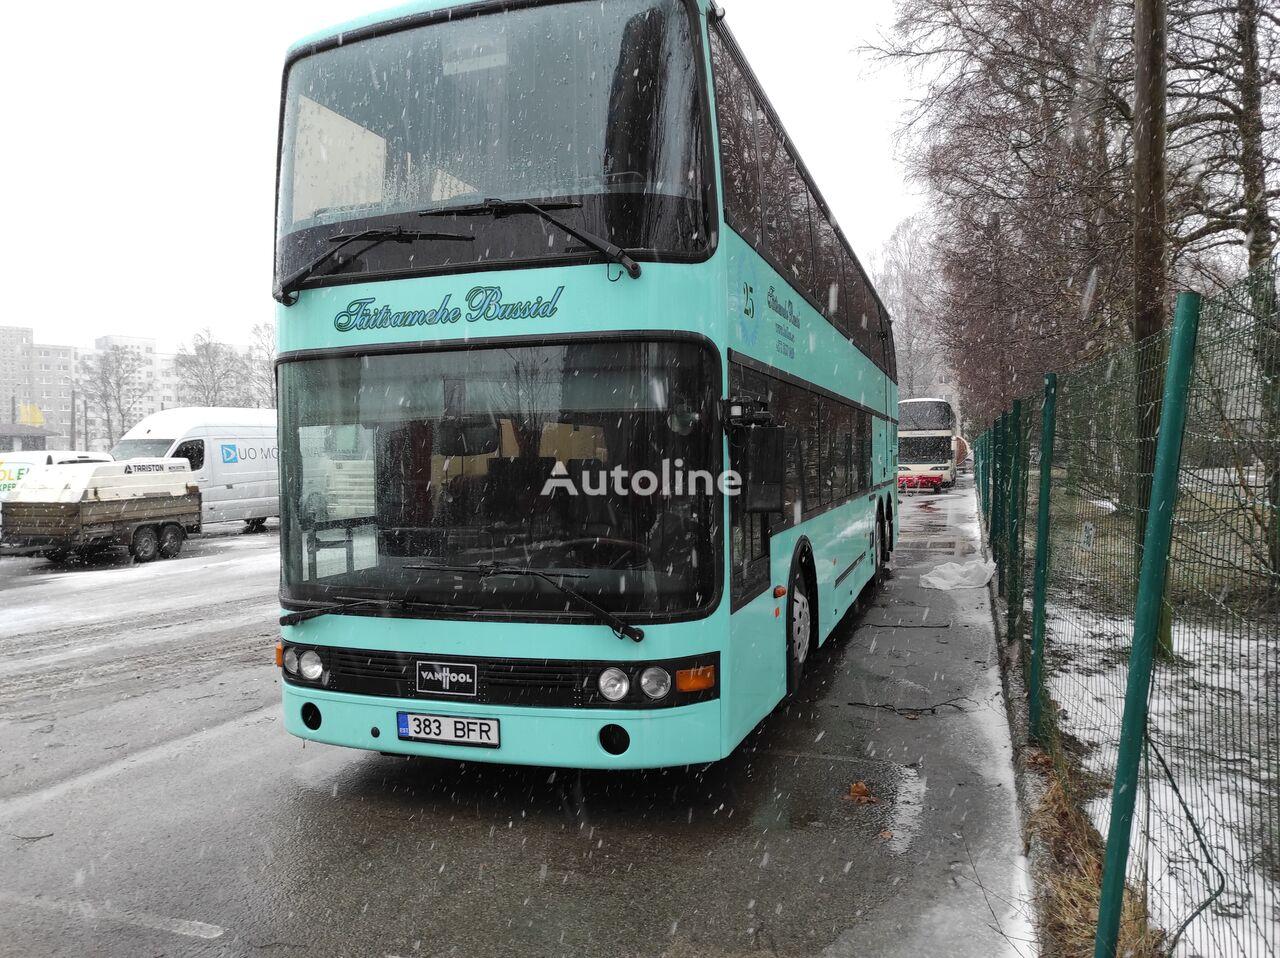 VAN HOOL double decker bus